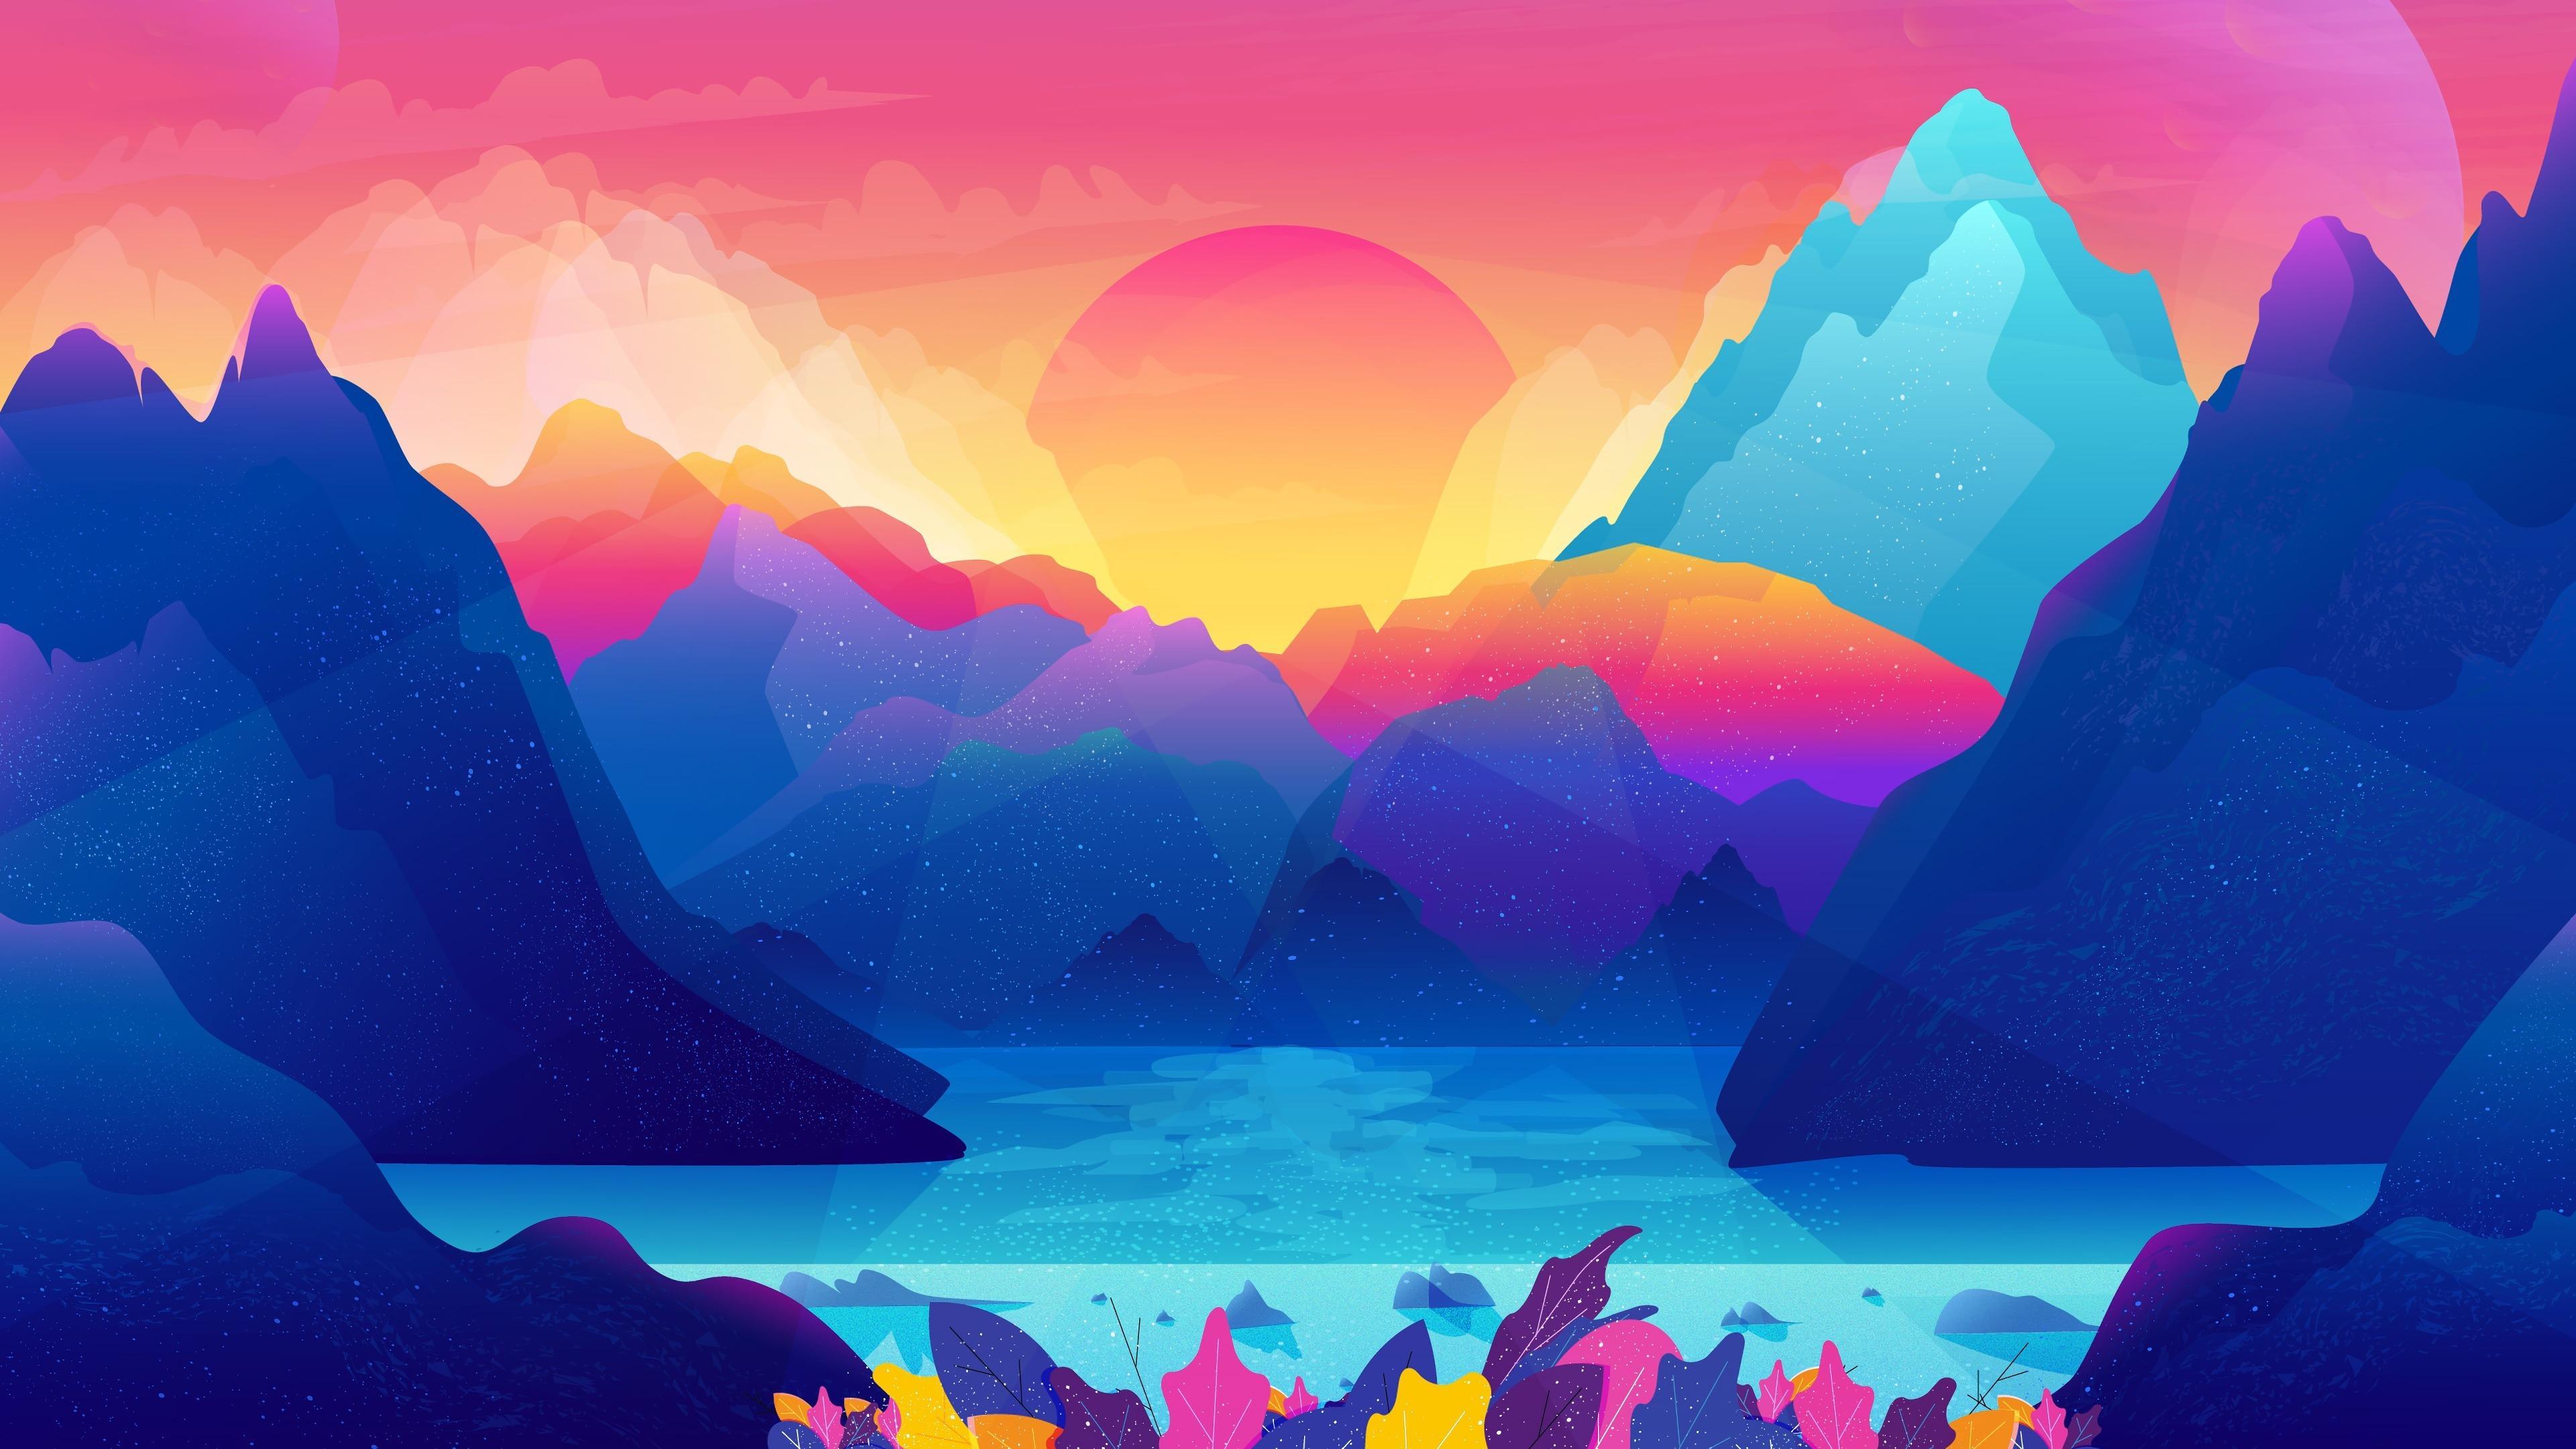 Colorful fjord digital art wallpaper